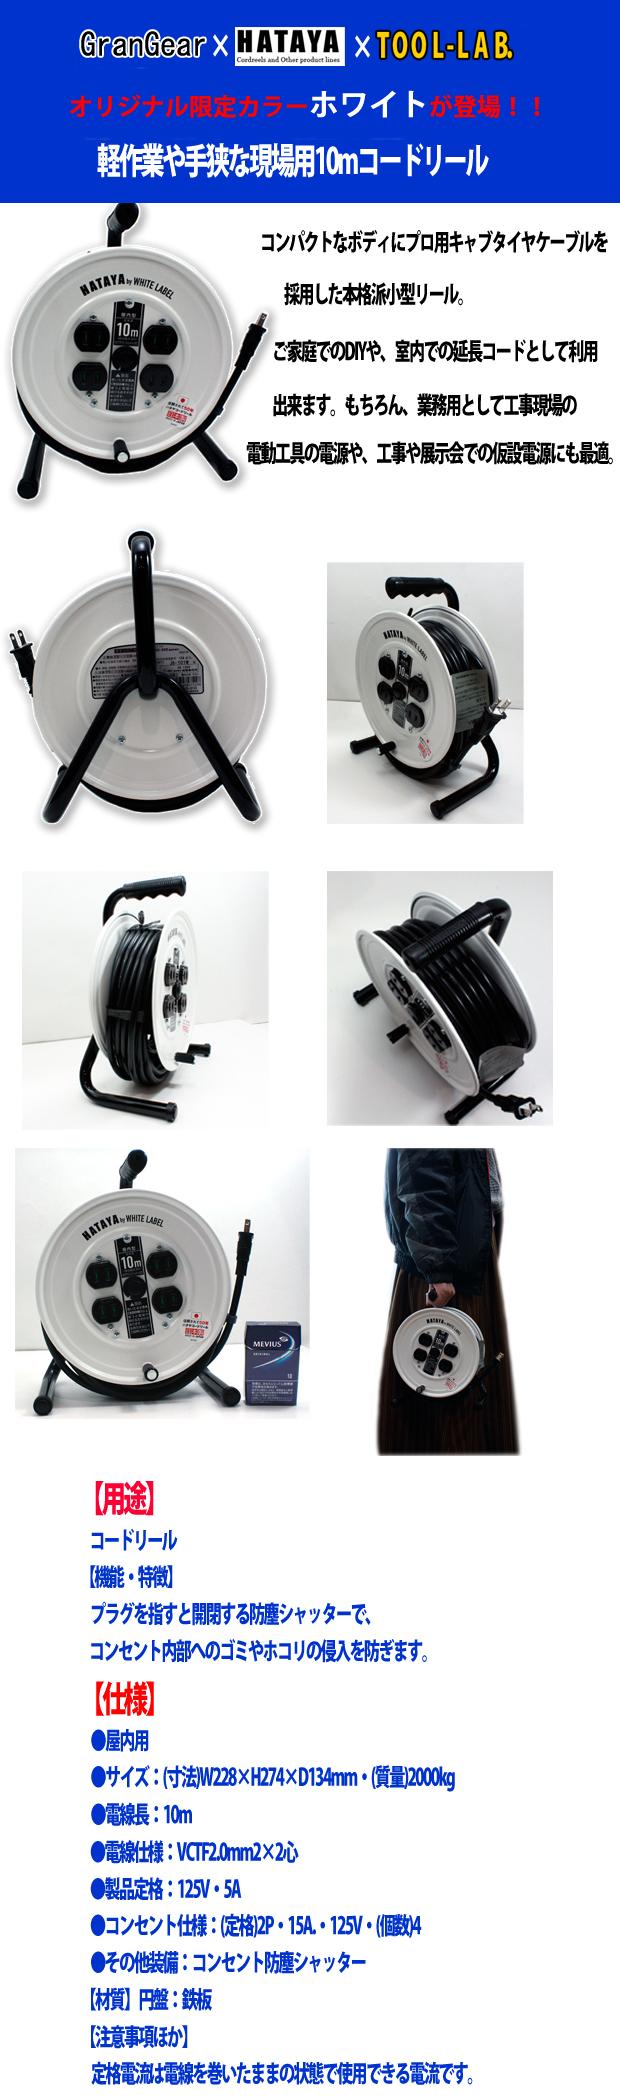 ハタヤ×TOOL-LAB.ドラム型コードリール10m 限定色ホワイト